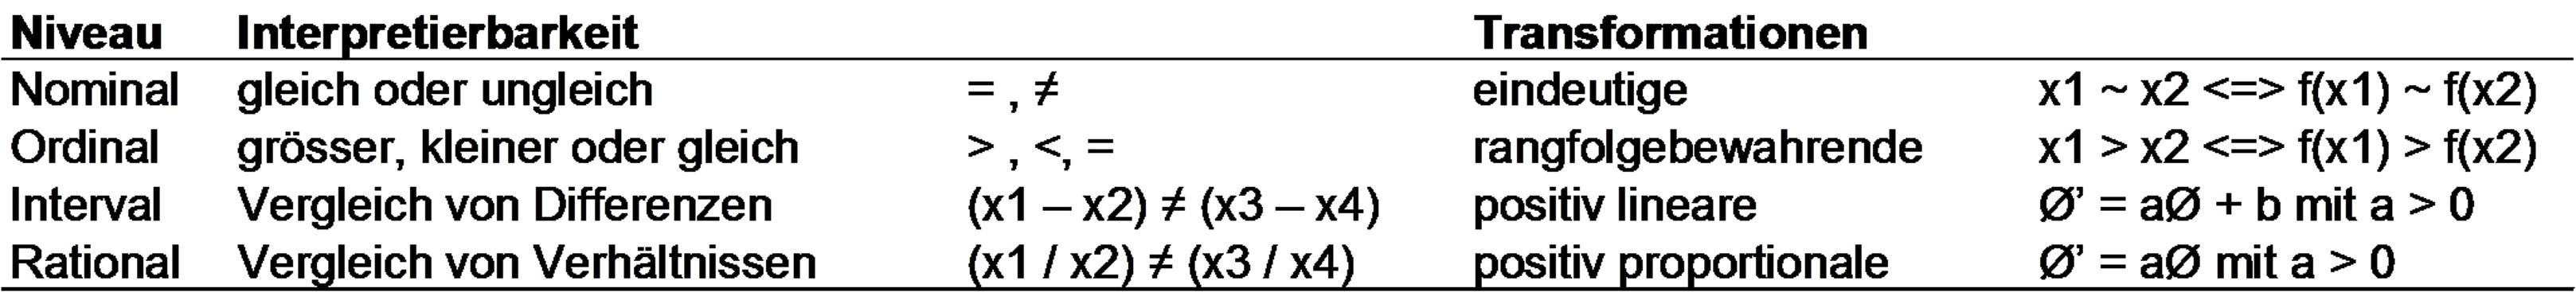 Tabelle 1: Übersicht über die Skalenniveaus